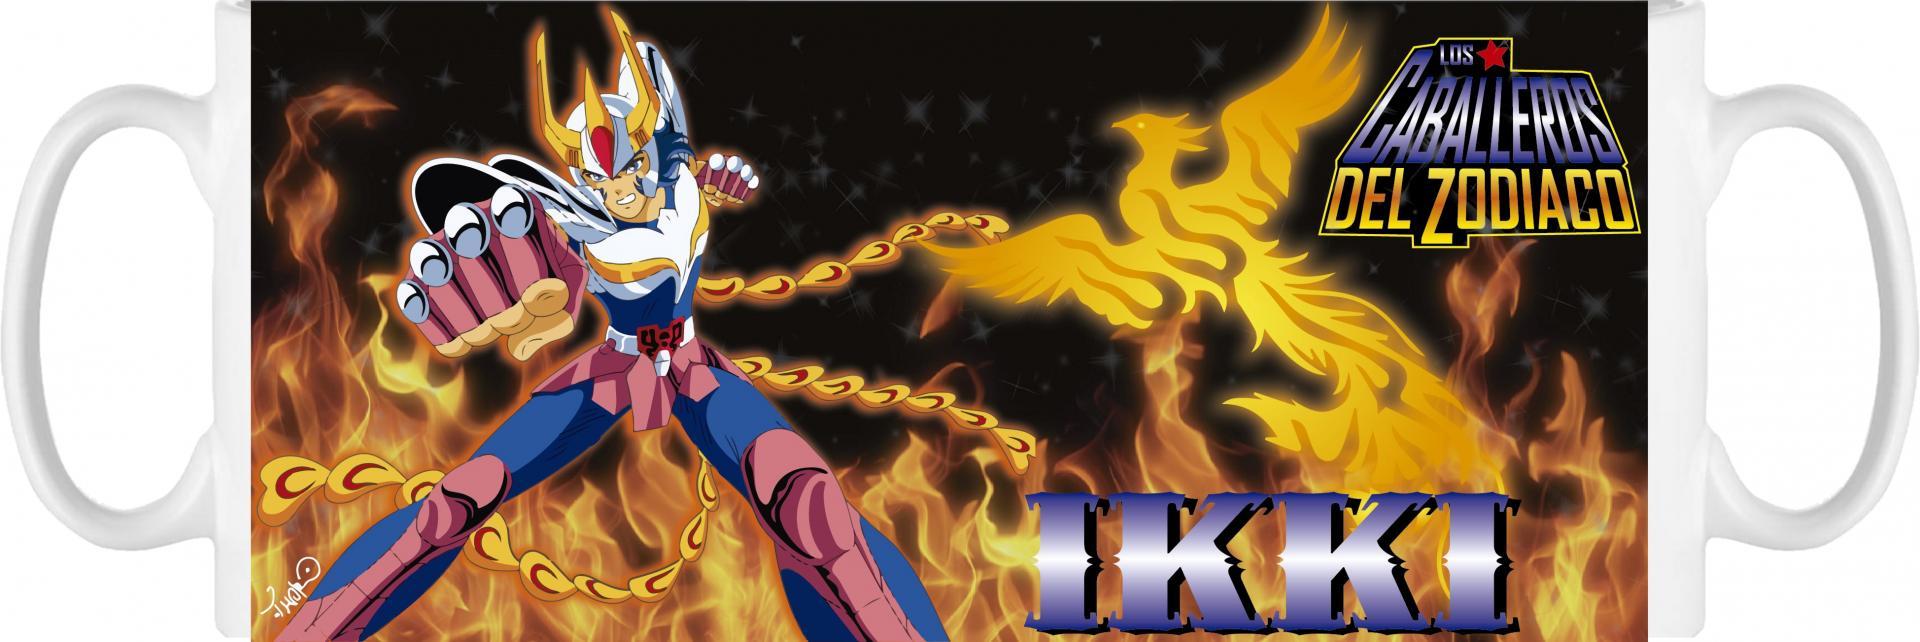 Taza Caballeros del Zodíaco Ikki (006)